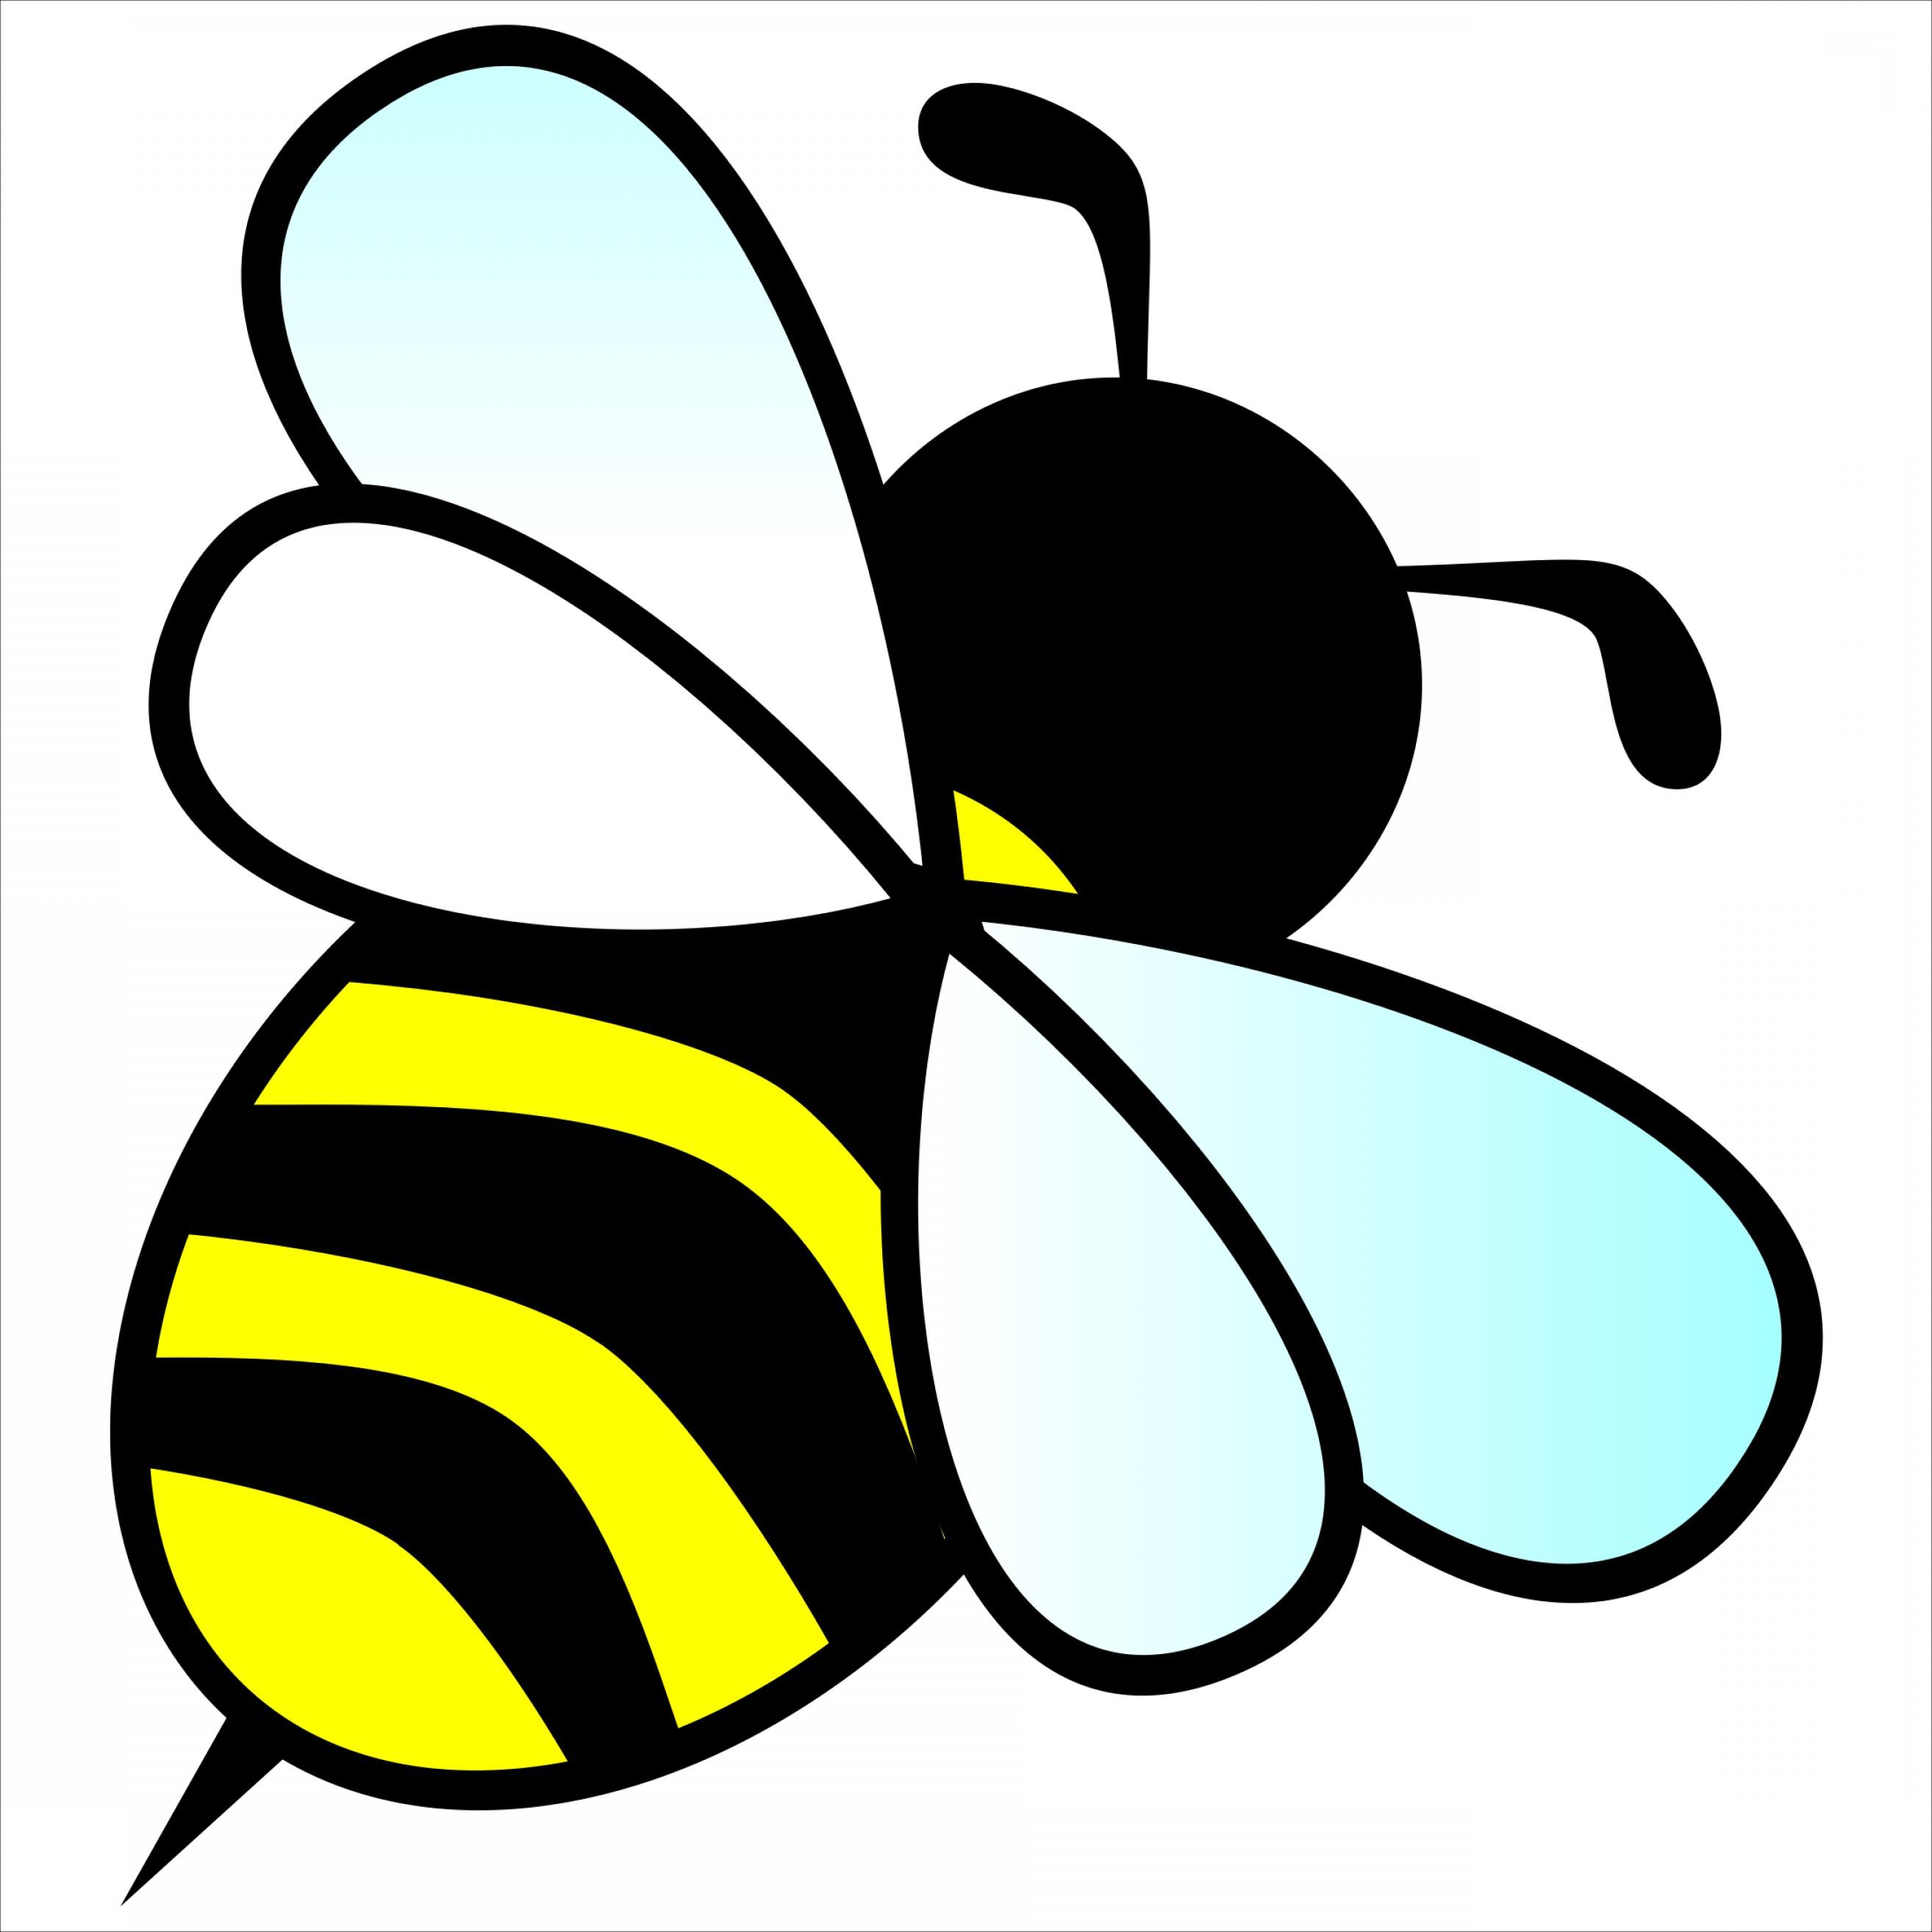 2628x2628 Bee Clip Art Vector Lazttweet